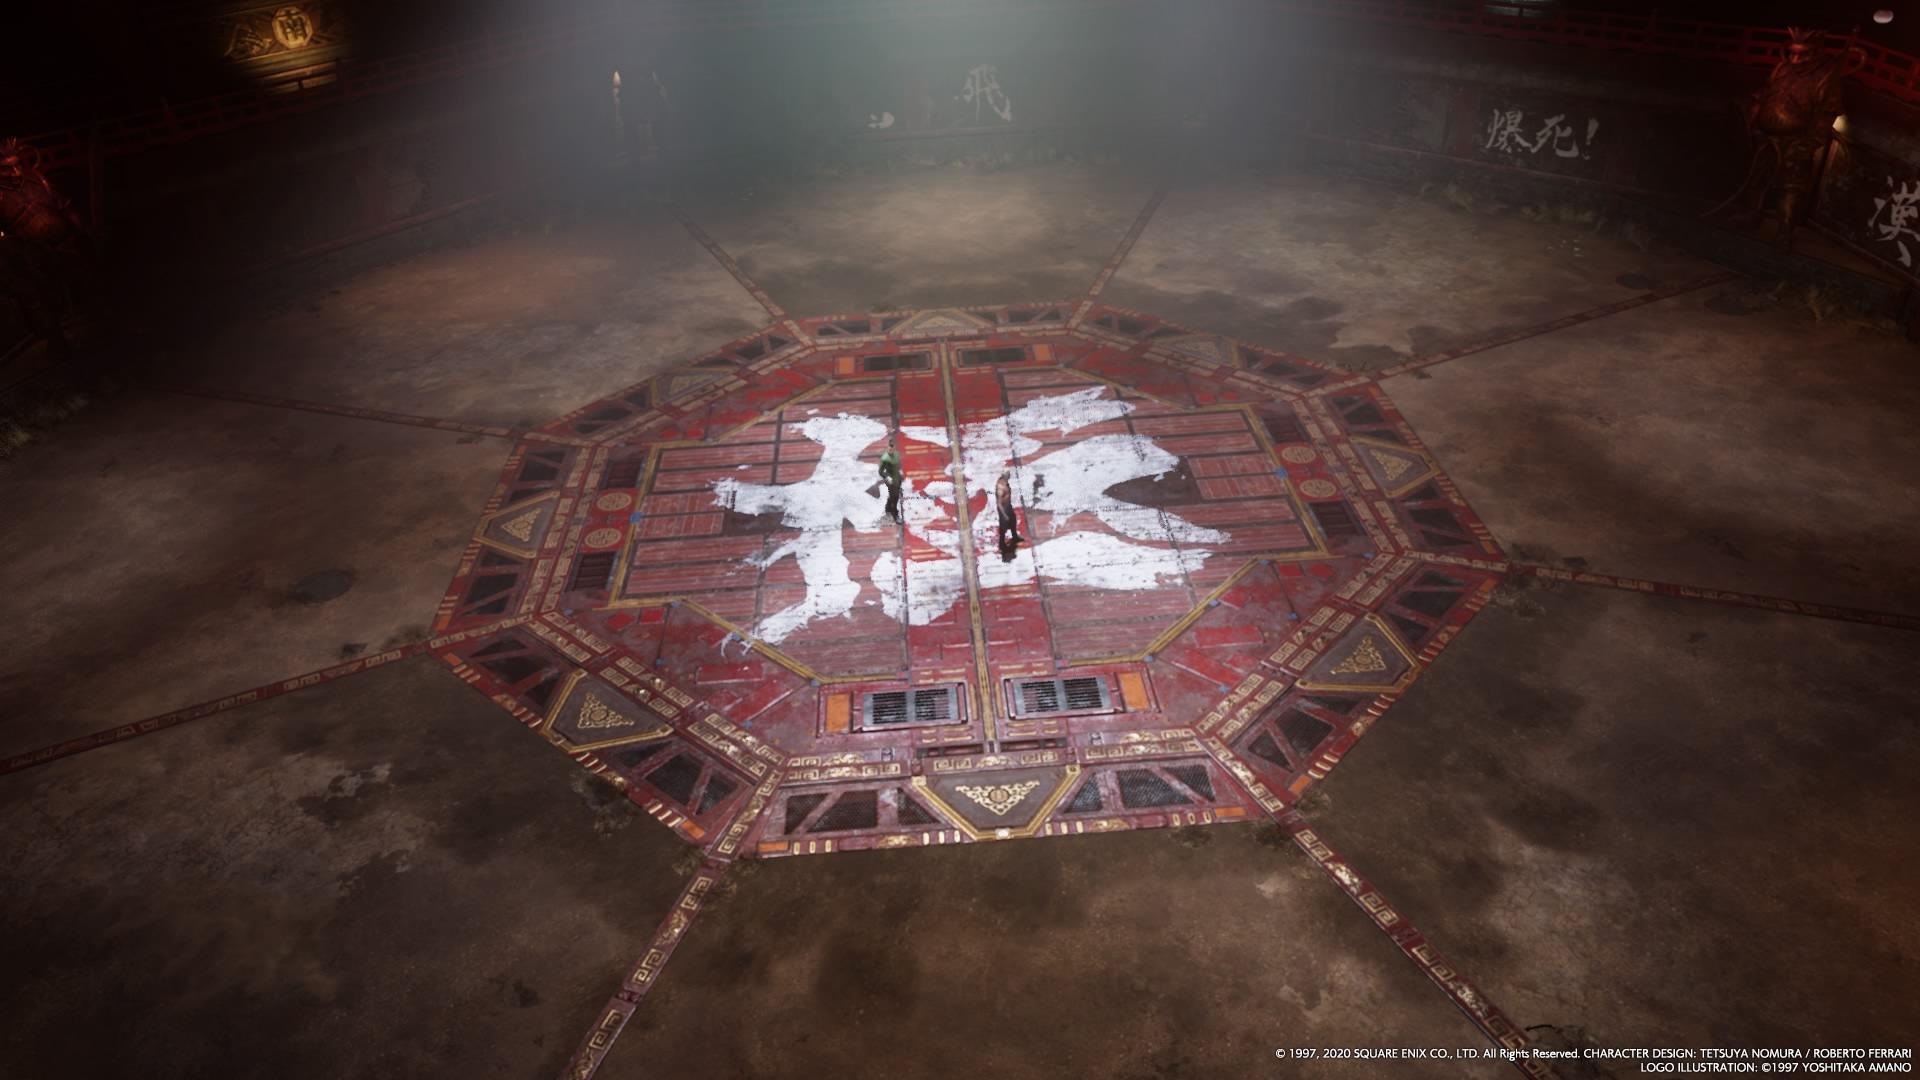 Corneos Kolosseum